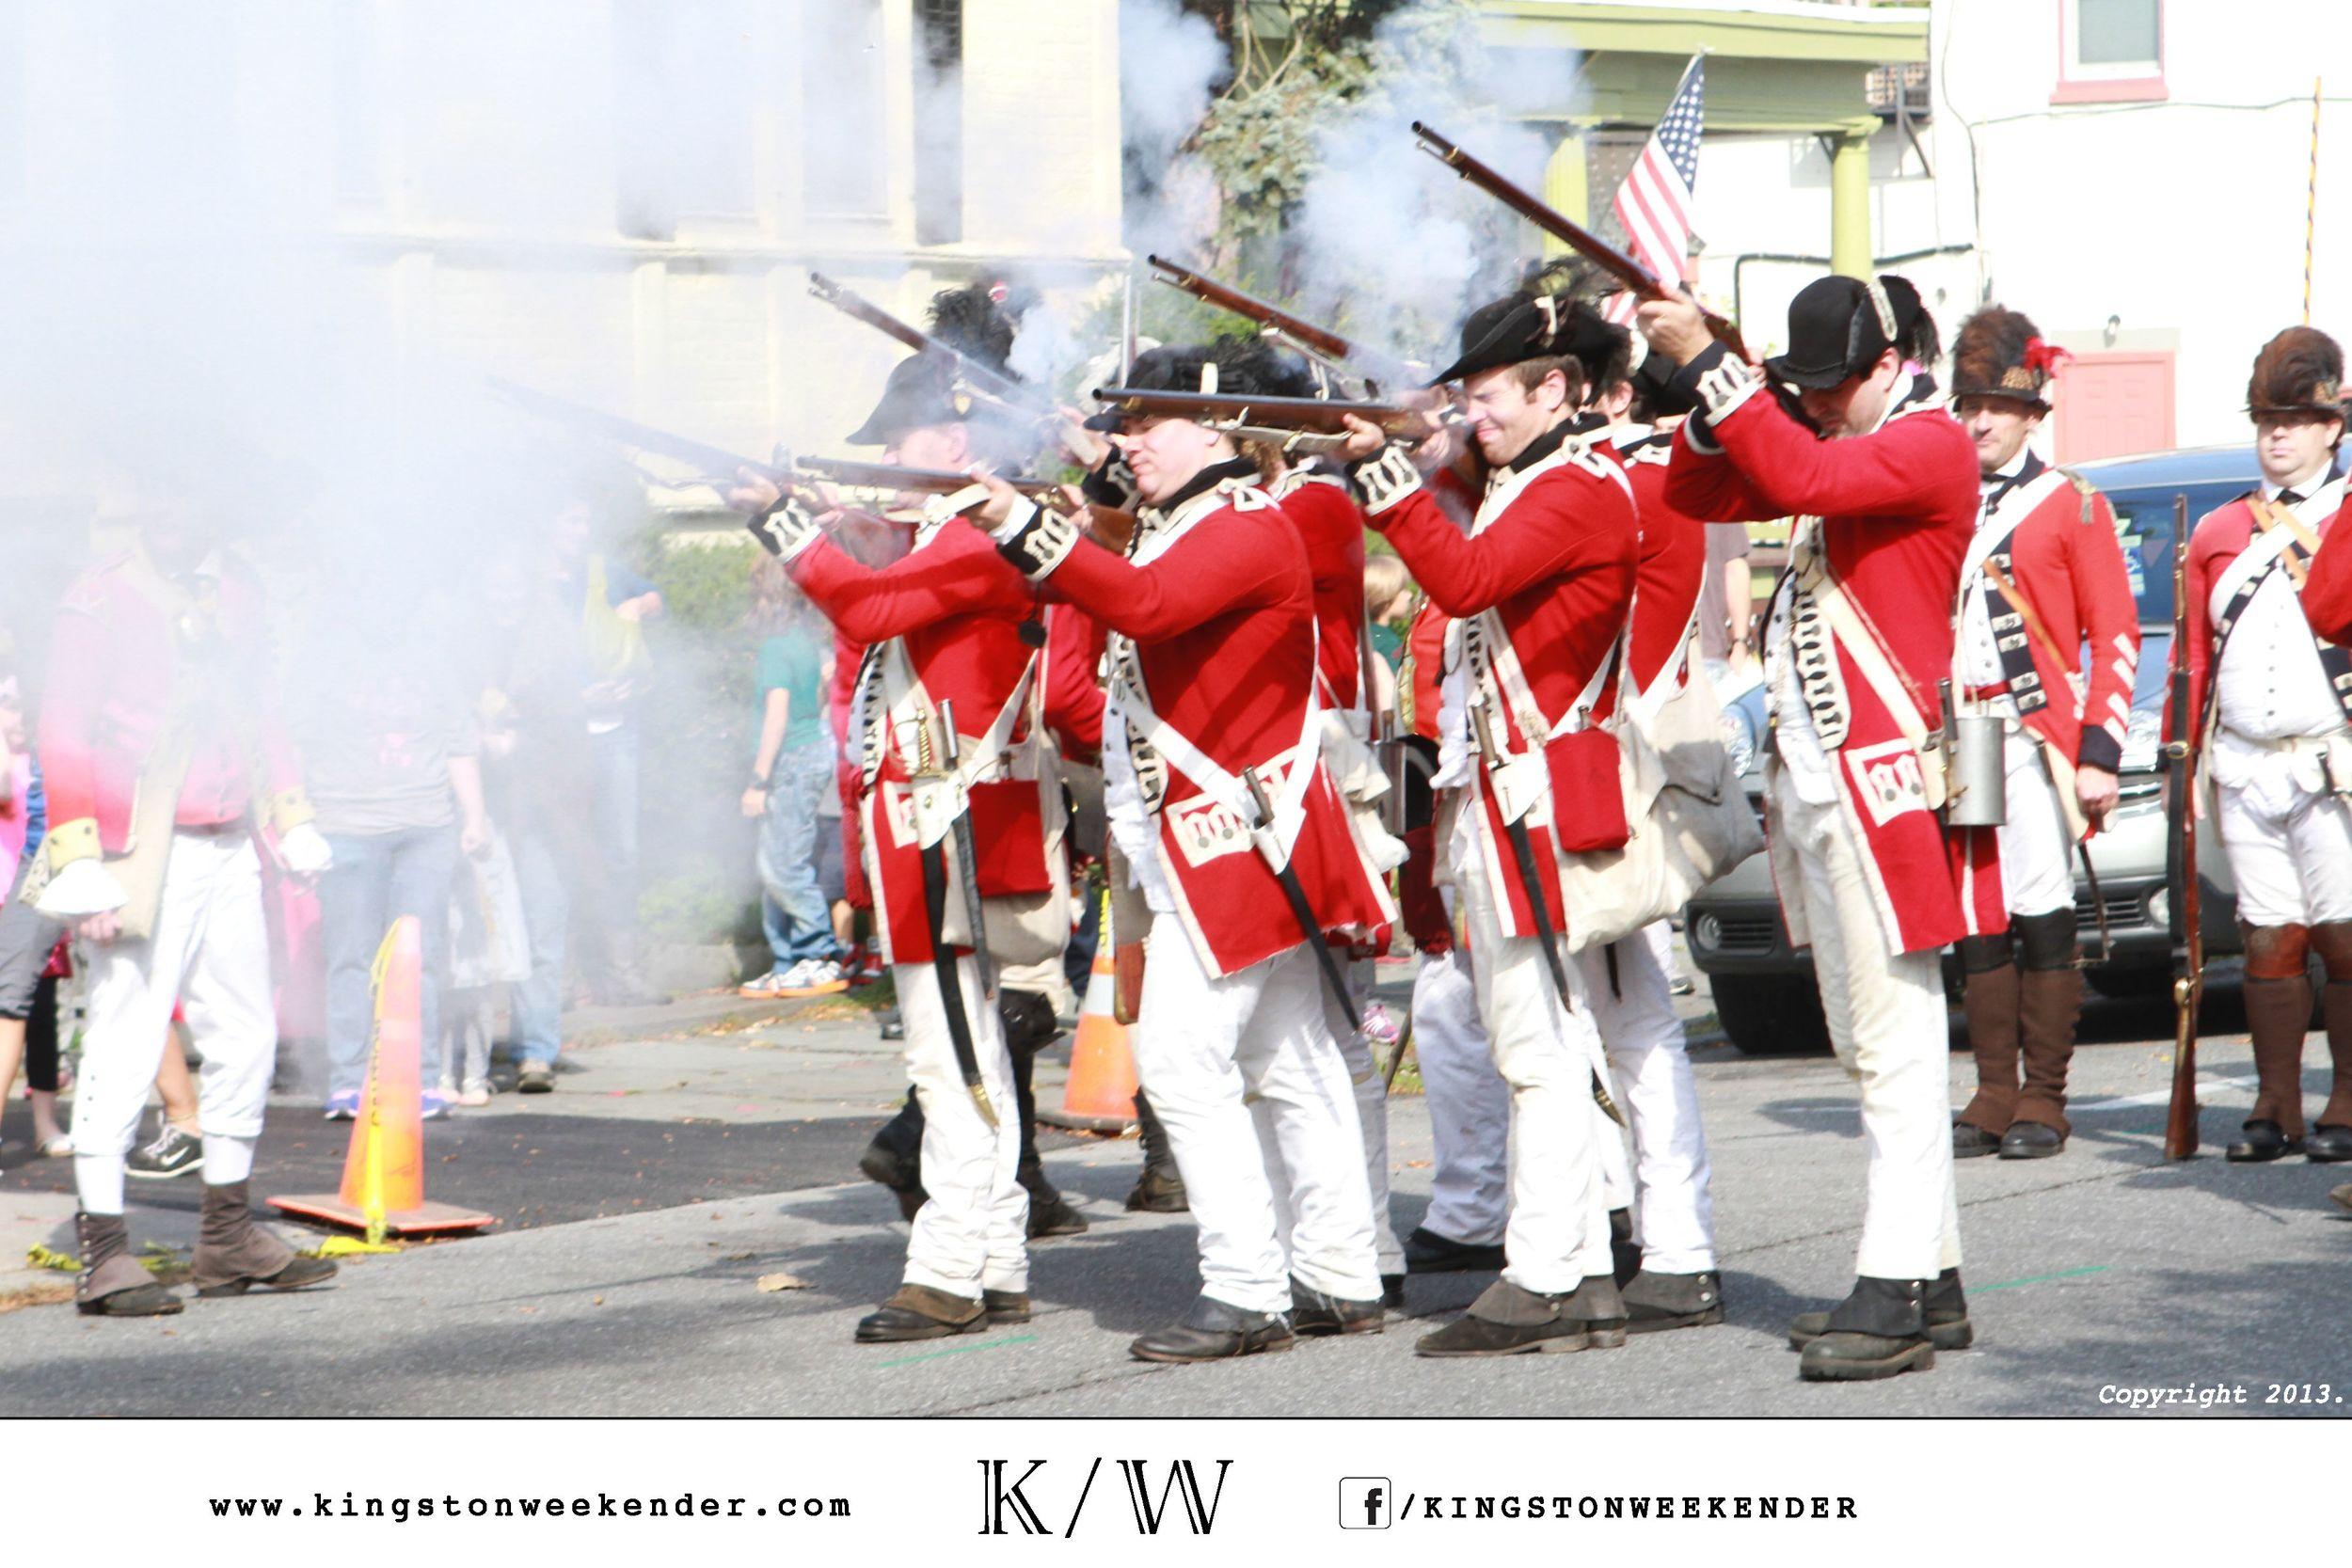 kingston-weekender-photo-credits9.jpg